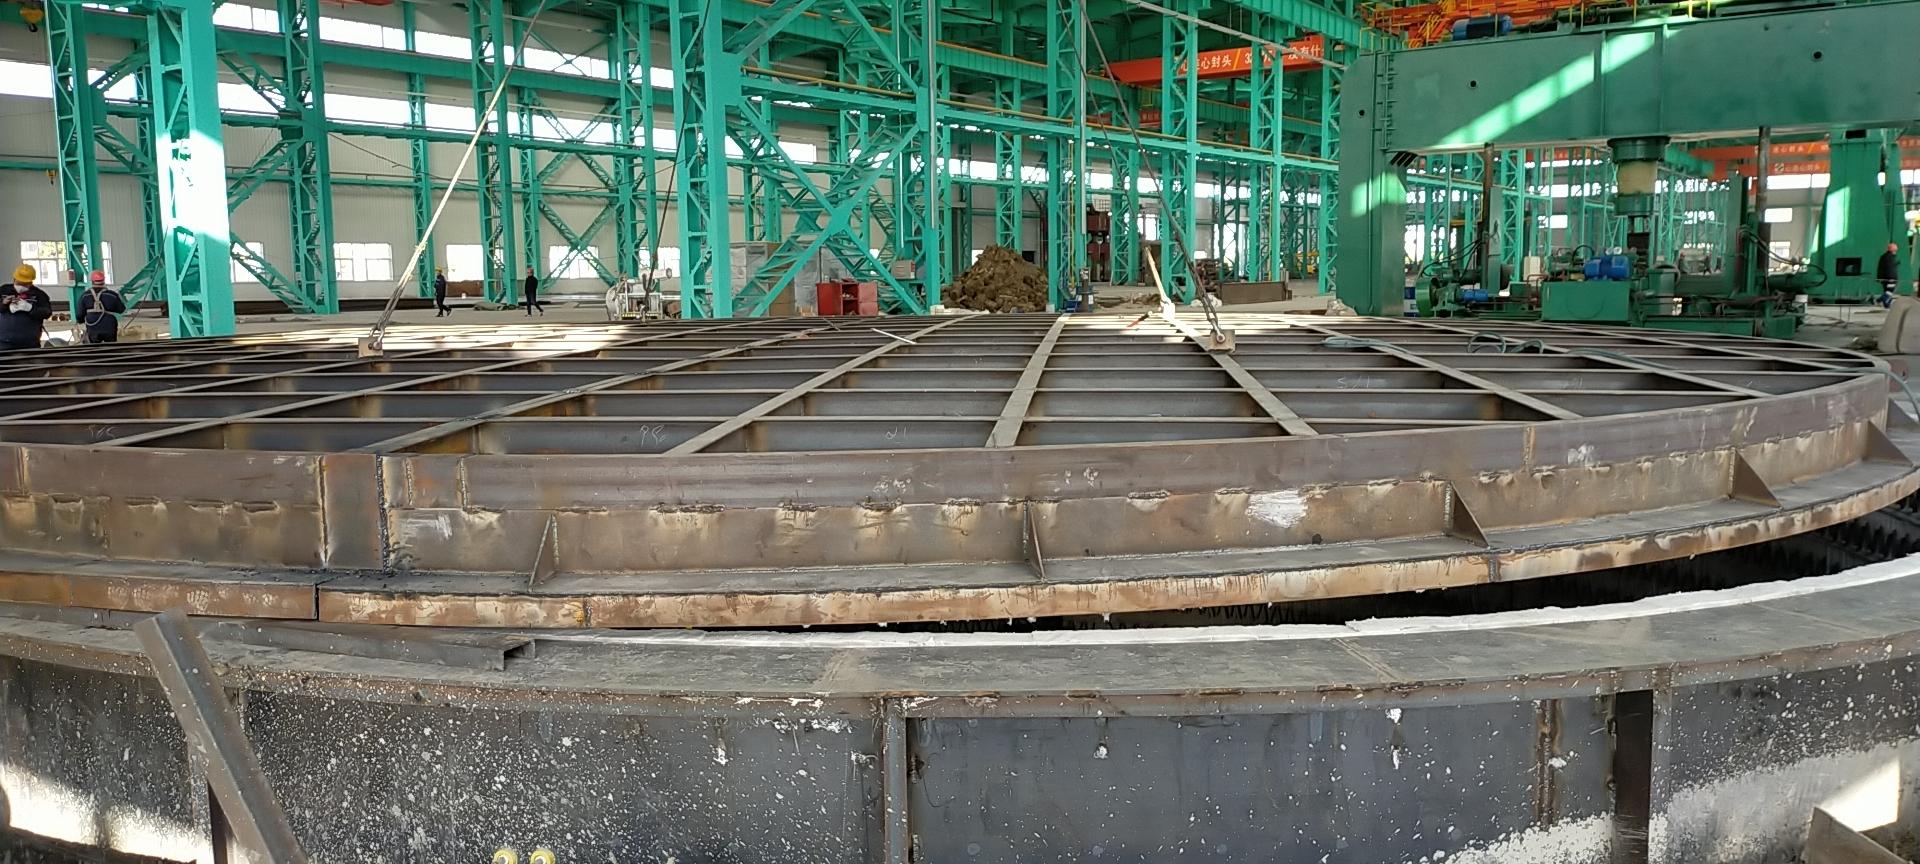 沃福德顺利完成南方地区的大型井式炉施工作业